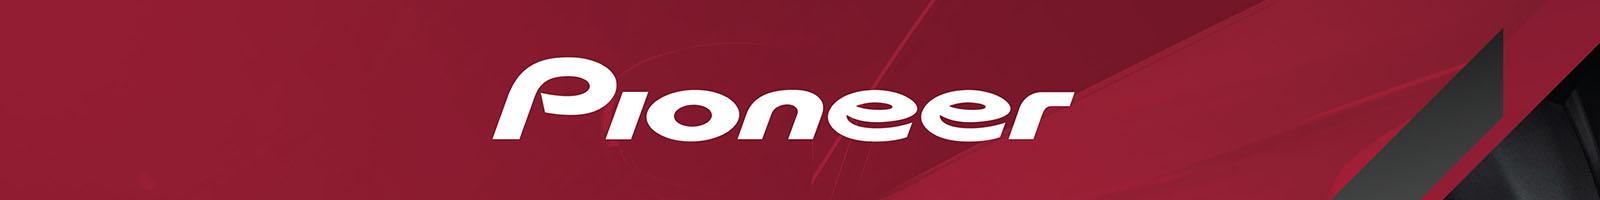 pioneer-mobile2.jpg